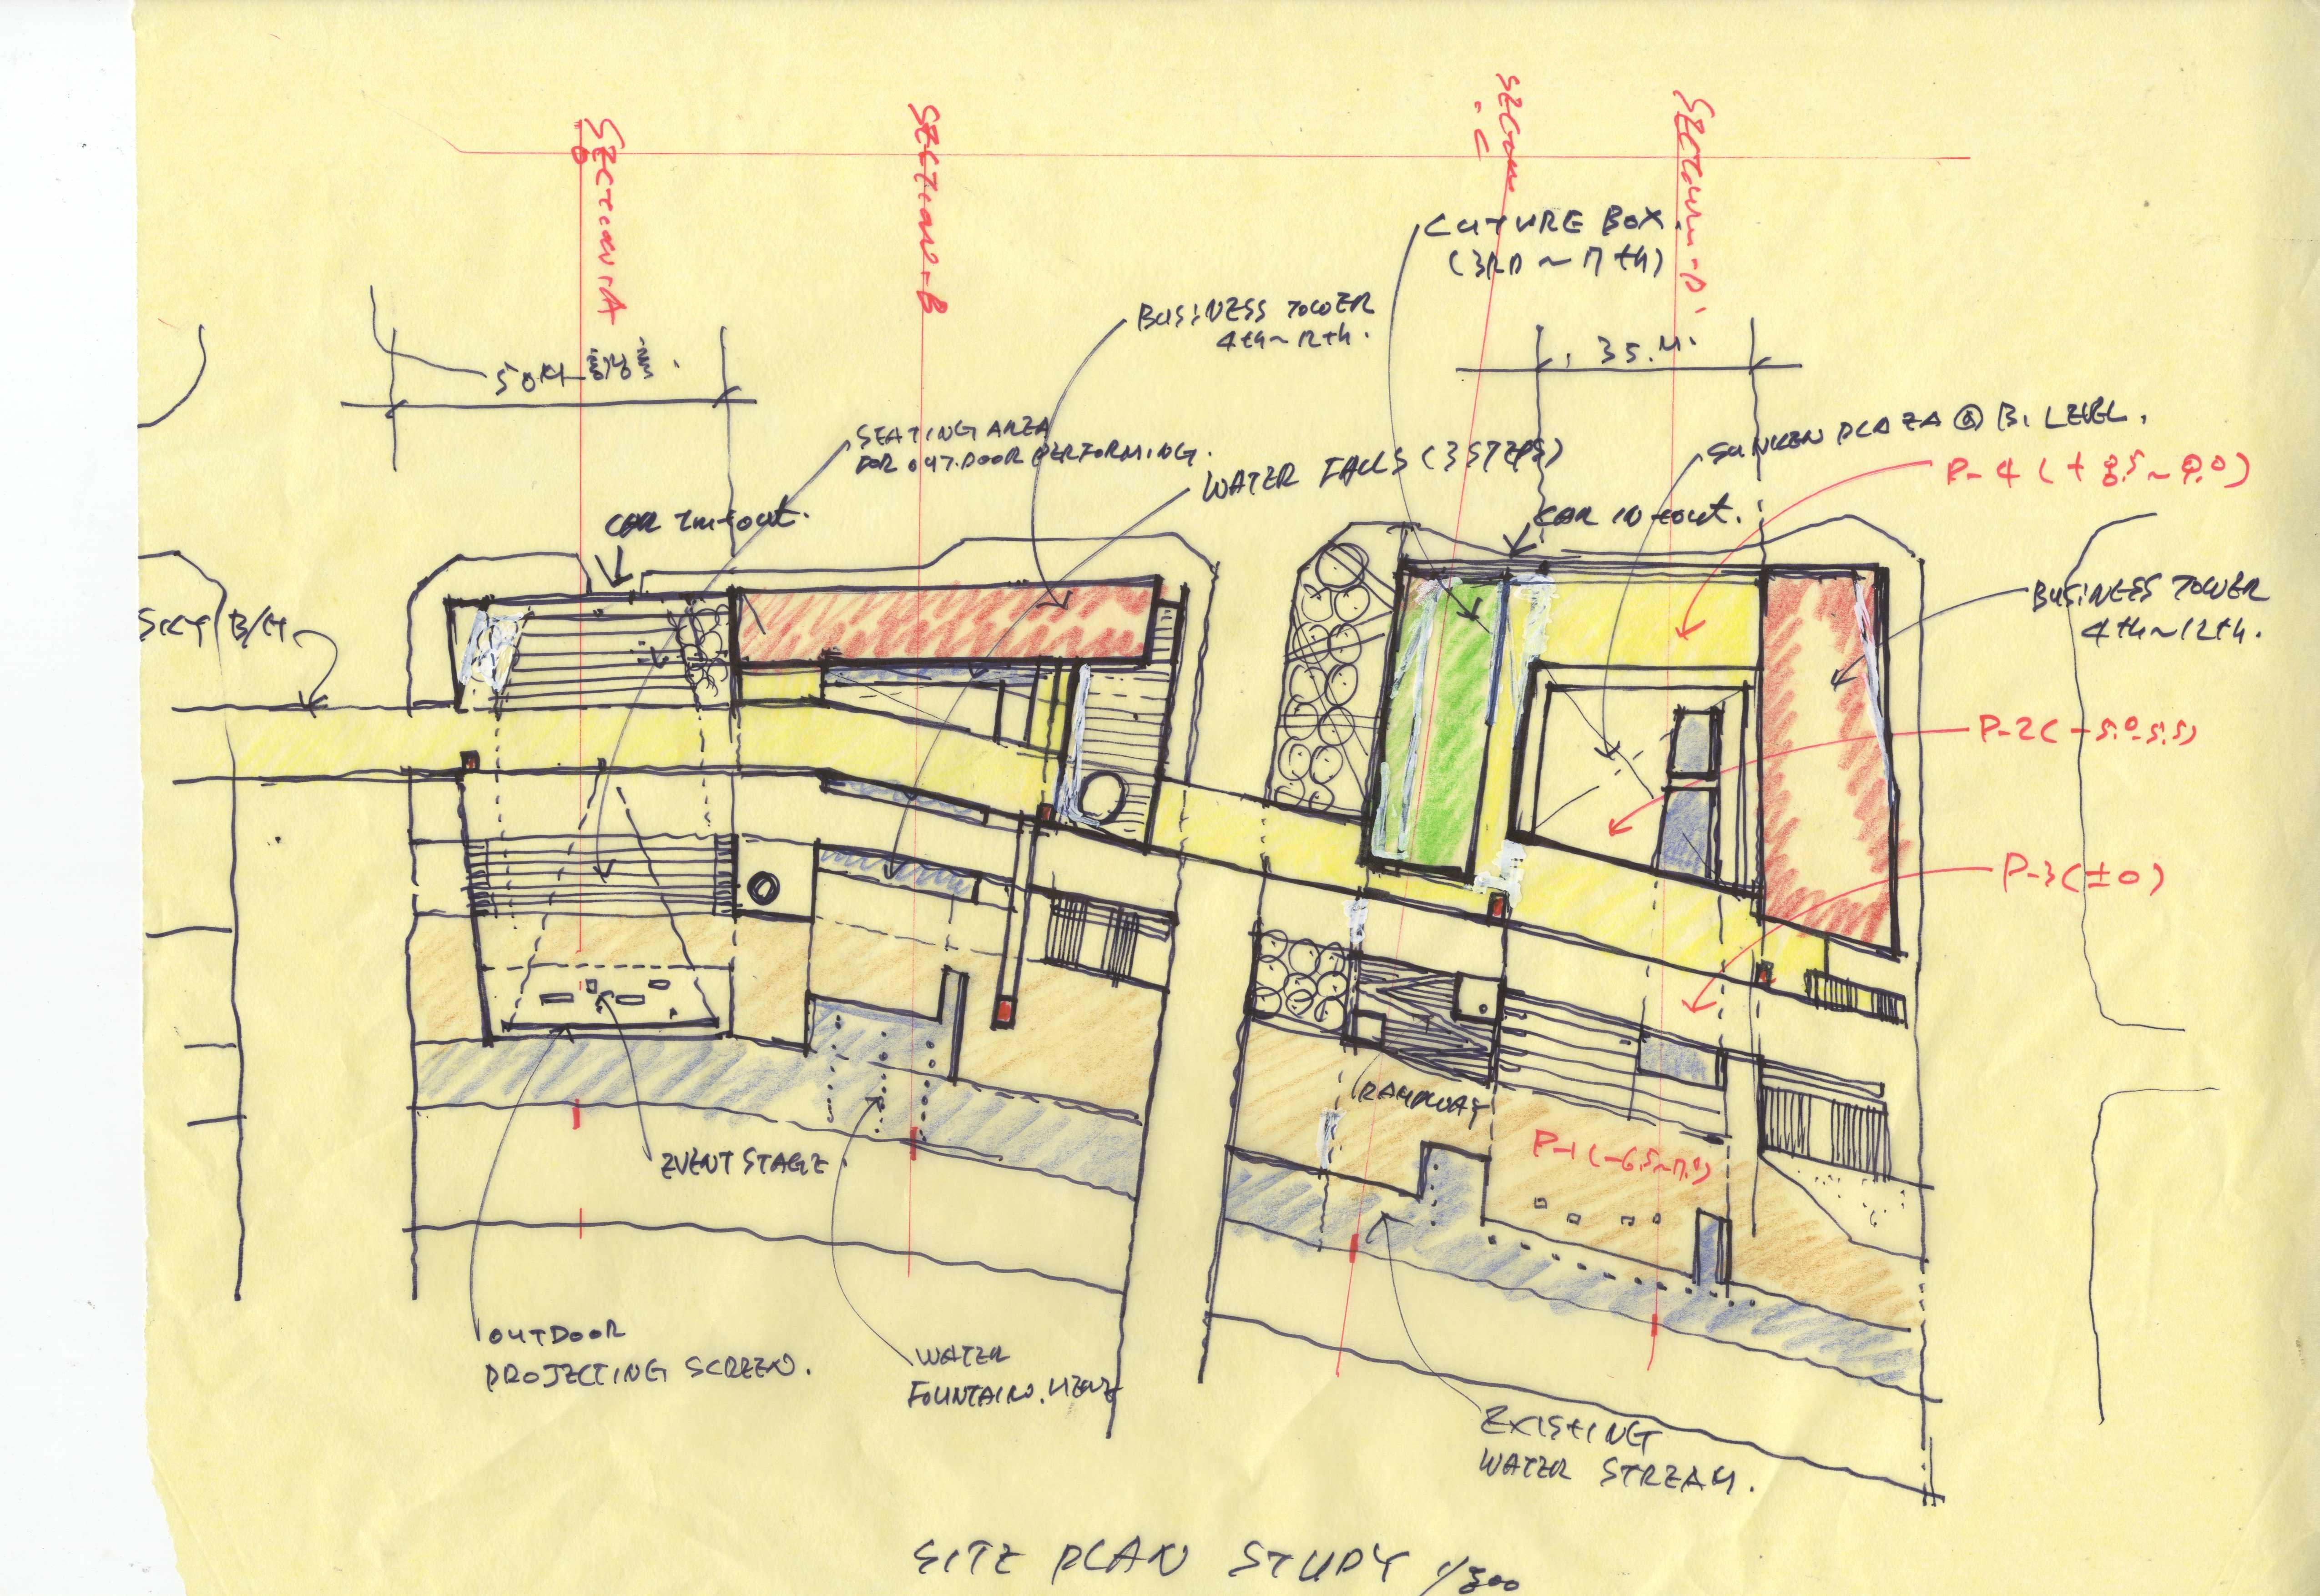 http://www.parkjongsung.com/board/data/file/hand_sketchs/img170.jpg